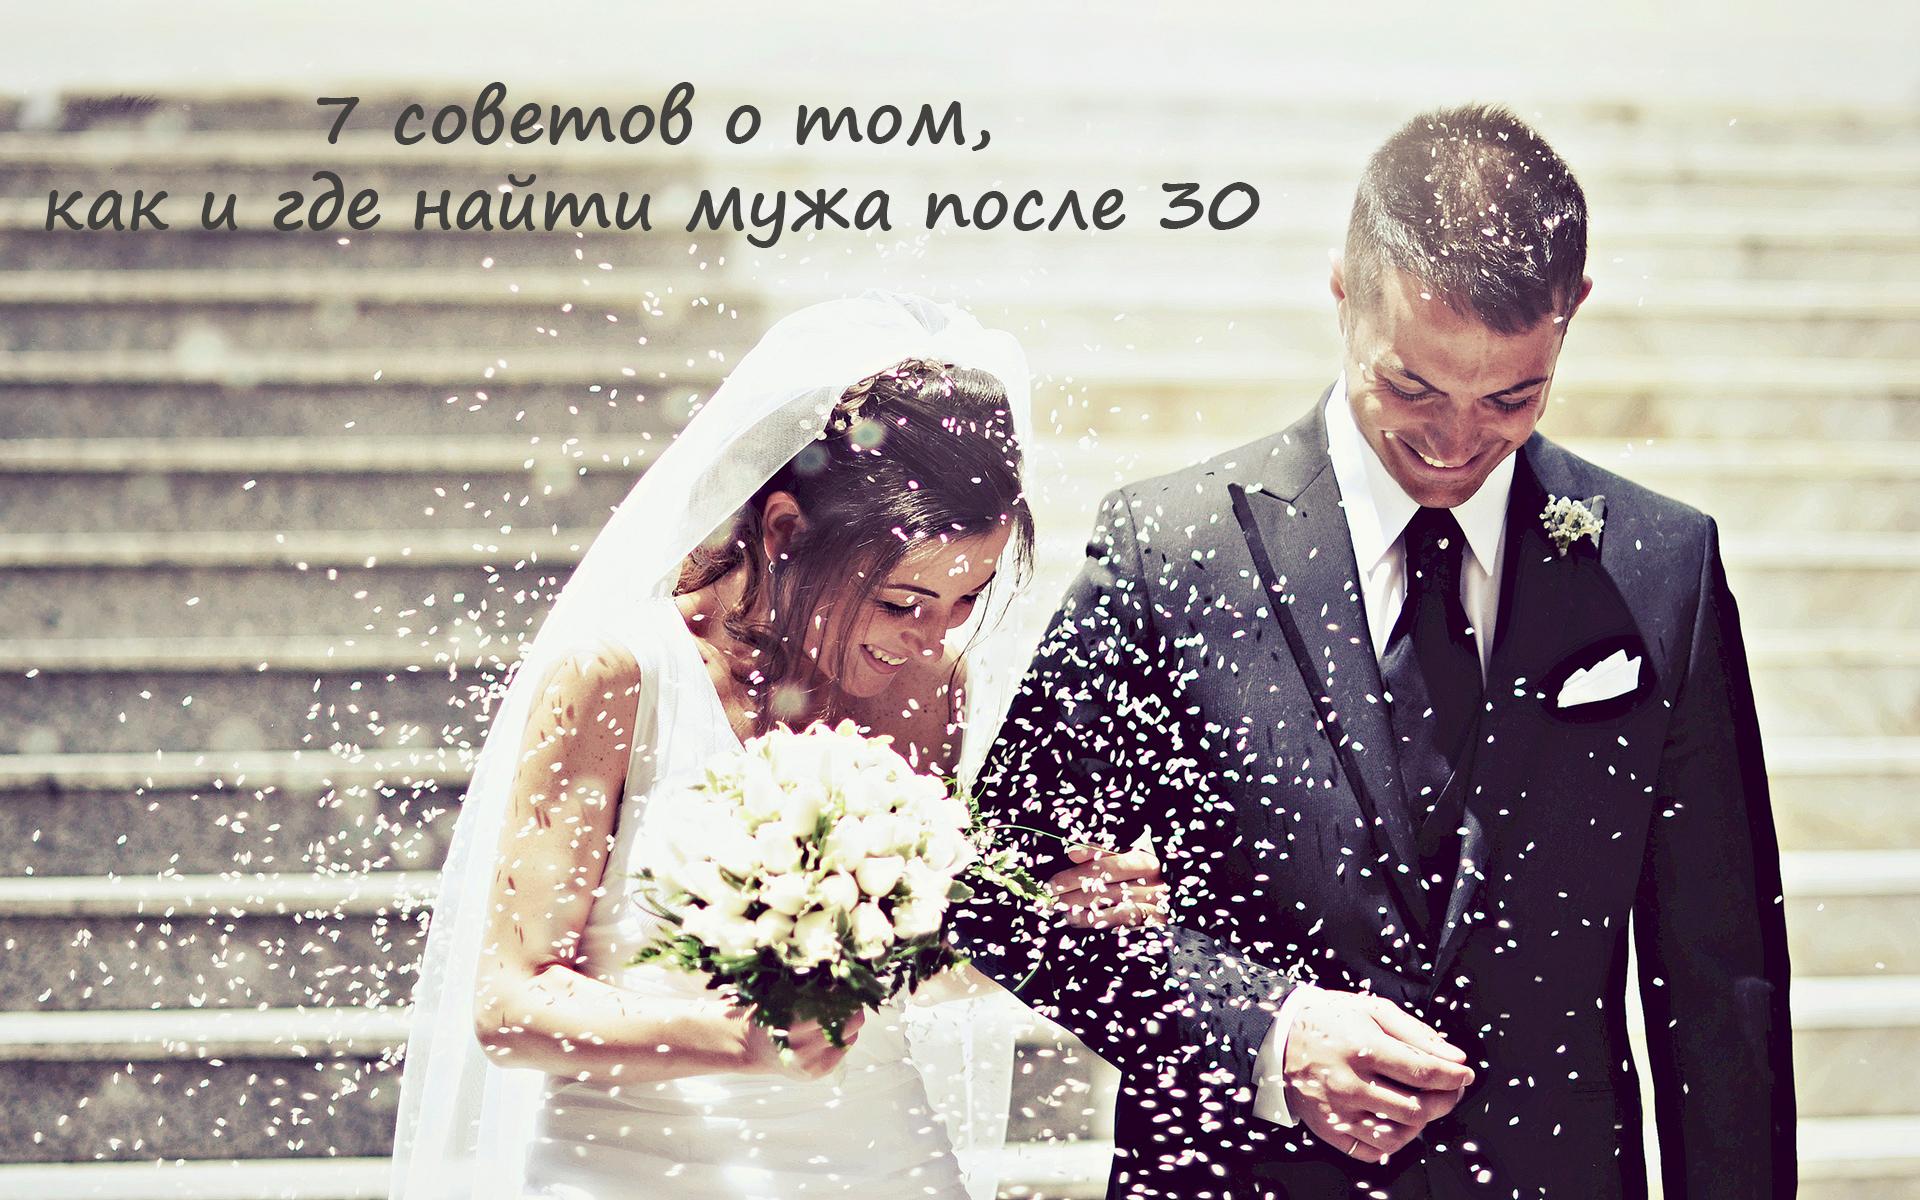 как найти себе мужа после 30